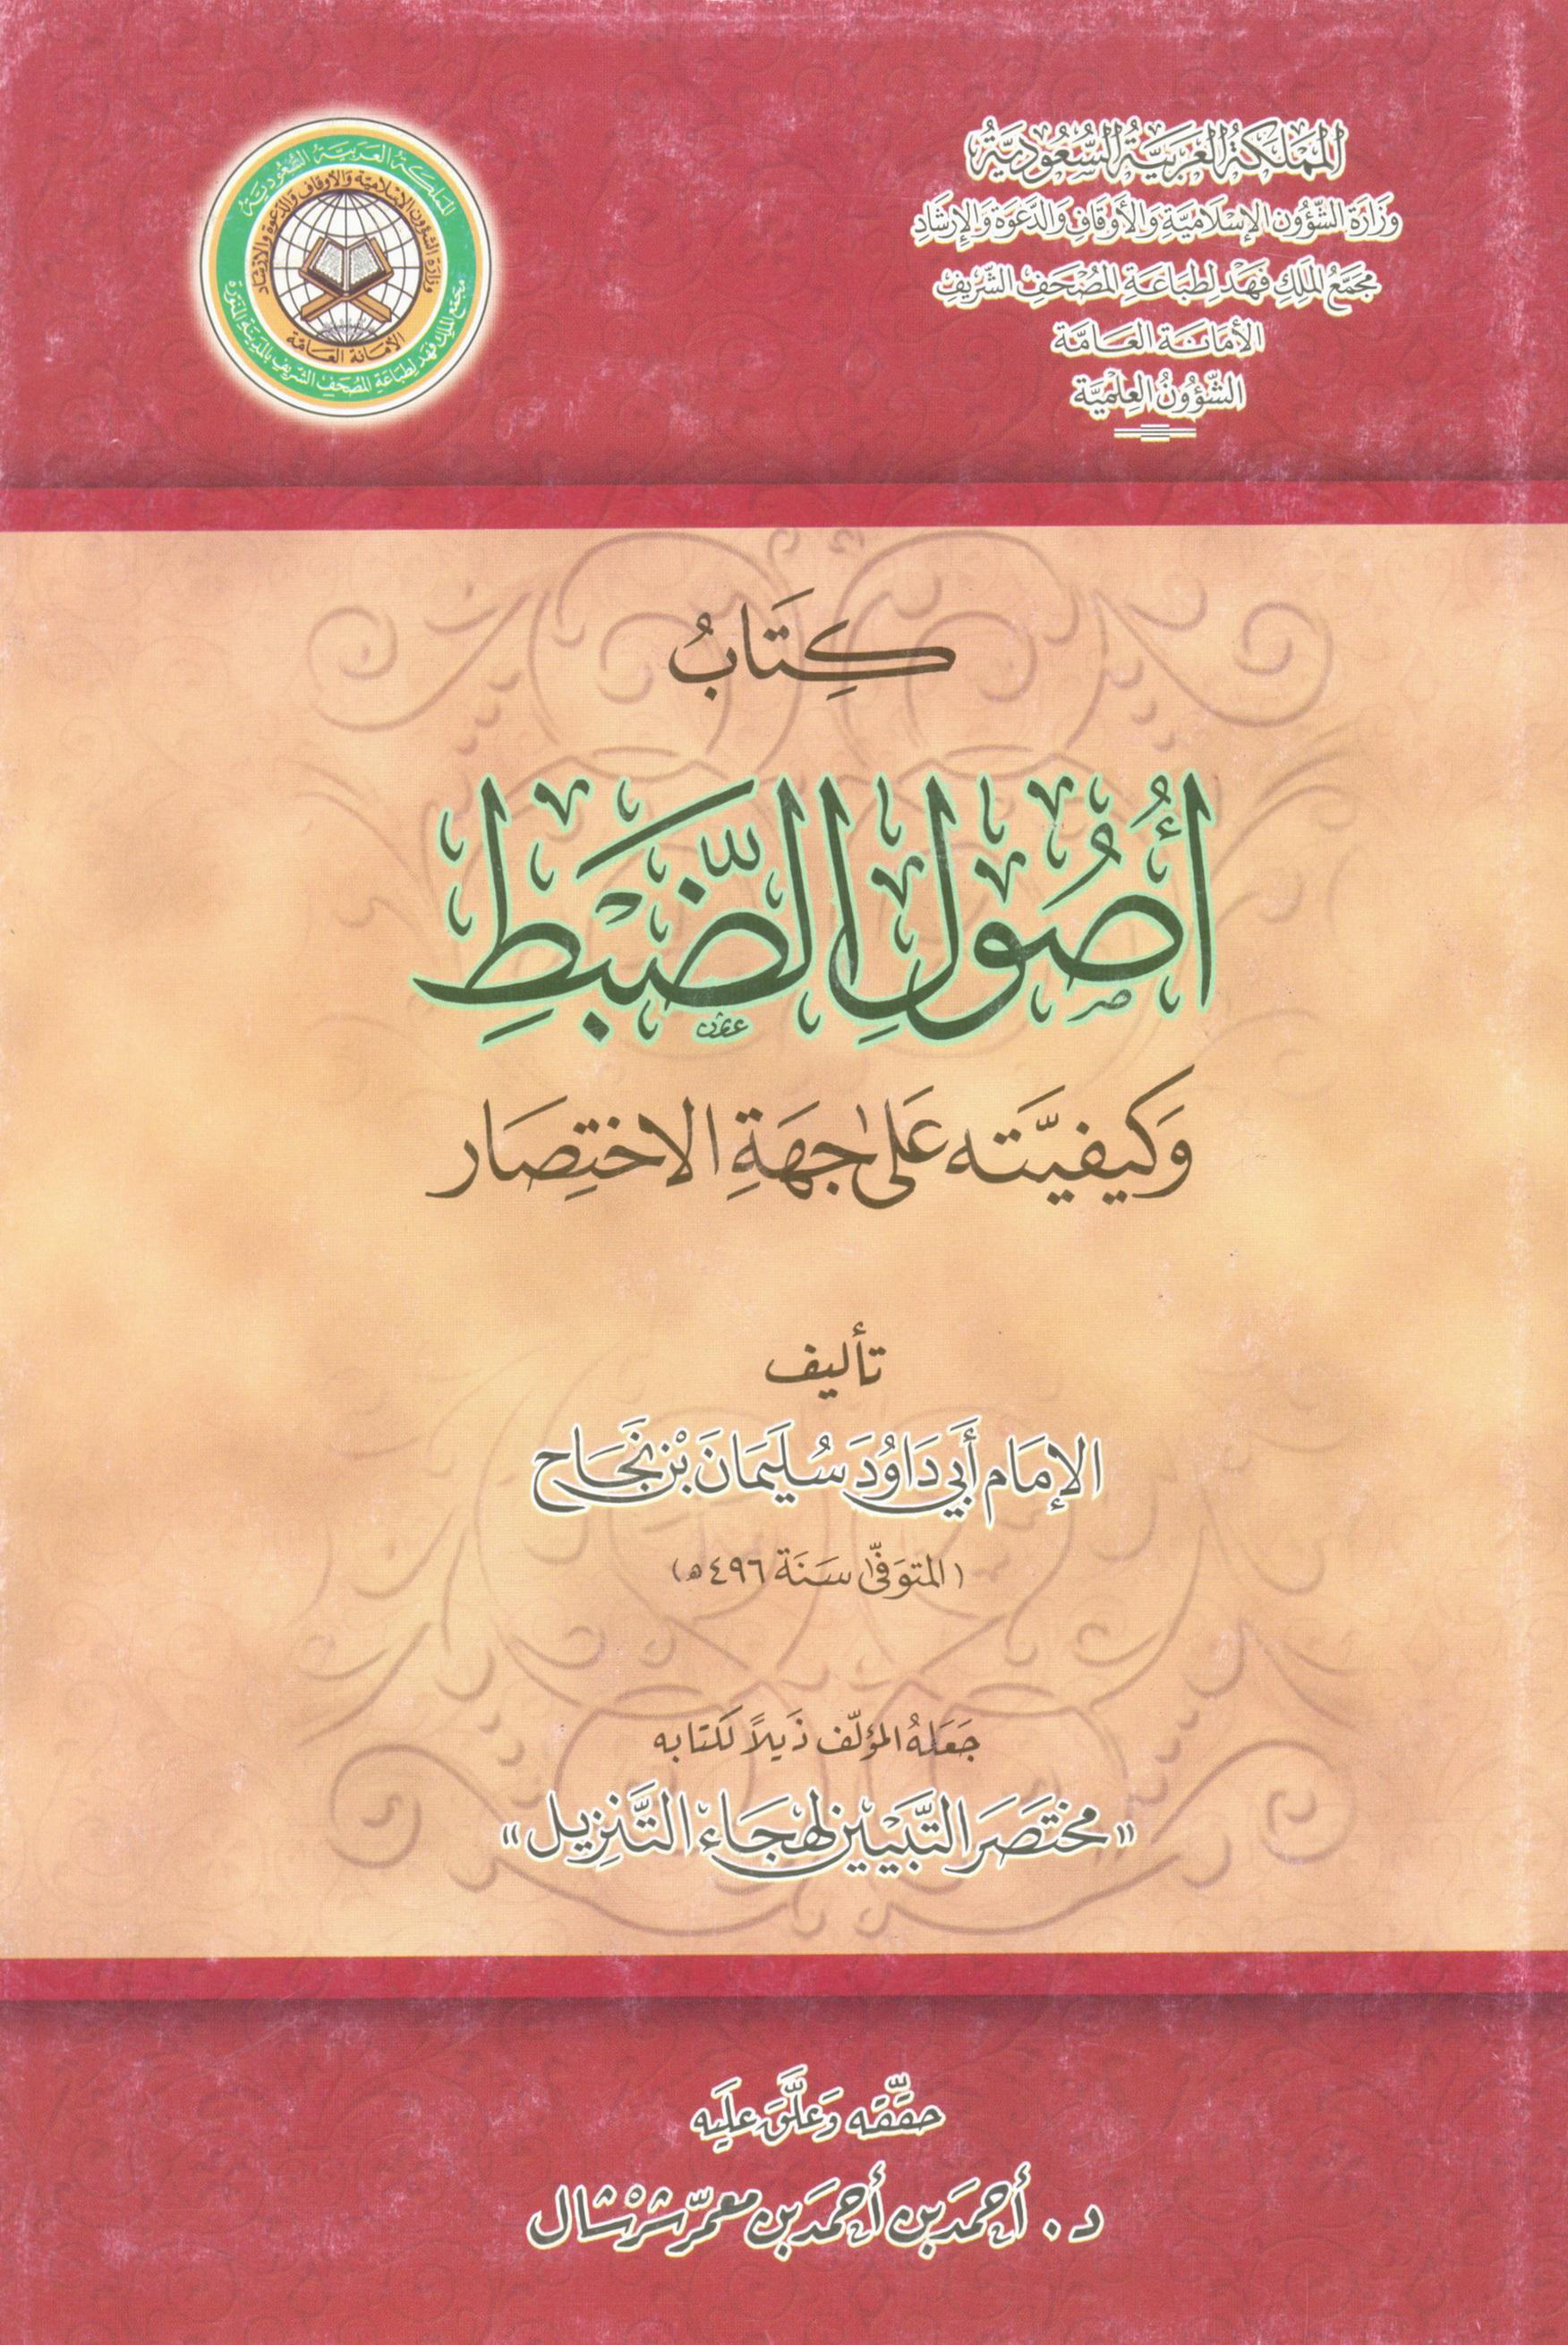 تحميل كتاب أصول الضبط وكيفيته على جهة الاختصار لـِ: الإمام أبو داود سليمان بن نجاح بن أبي القاسم الأموي بالولاء، الأندلسي (ت 496)